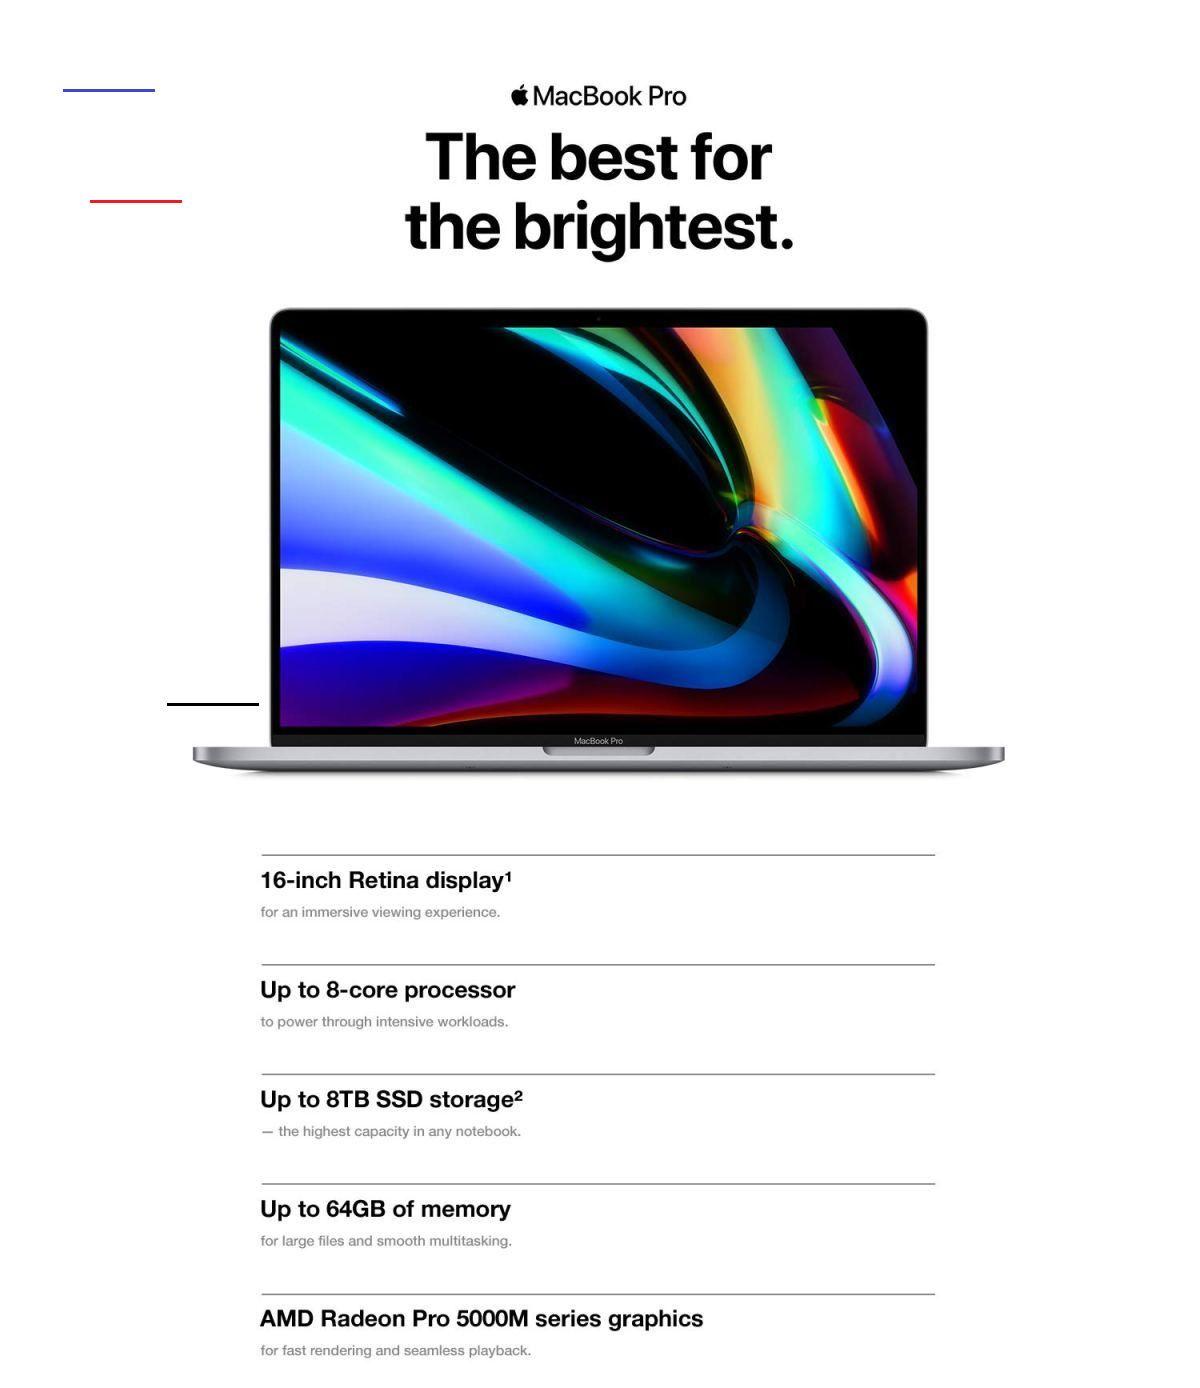 Best Black Friday Cyber Monday Tech Deals Kaynuli Cybermondayhumor Black Friday And Cyber Monday A In 2020 Macbook Pro Apple Macbook Pro Cyber Monday Shopping